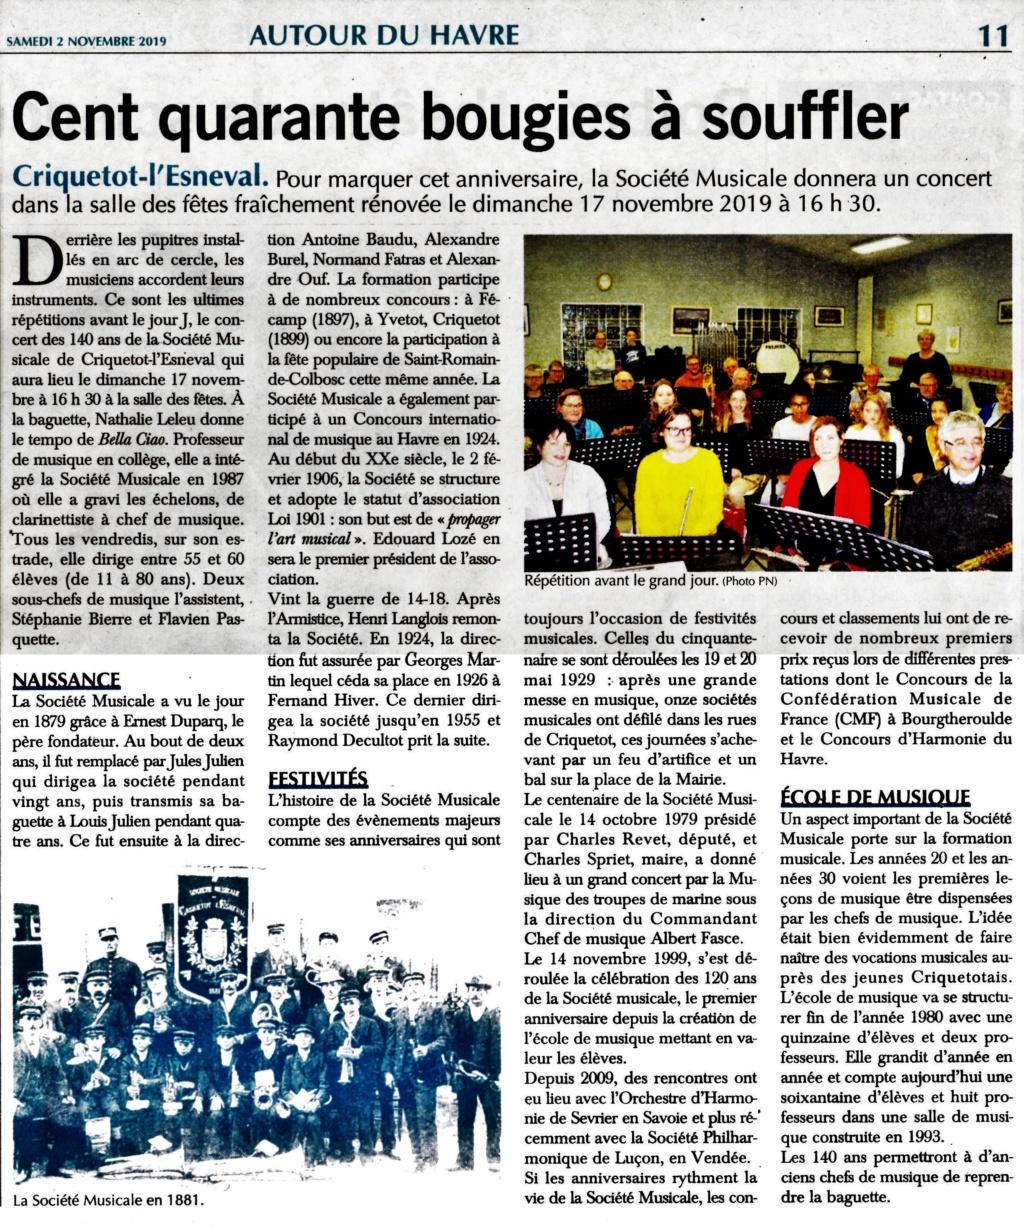 criquetot - La Société Musicale de Criquetot-l'Esneval depuis 1879 2019-143